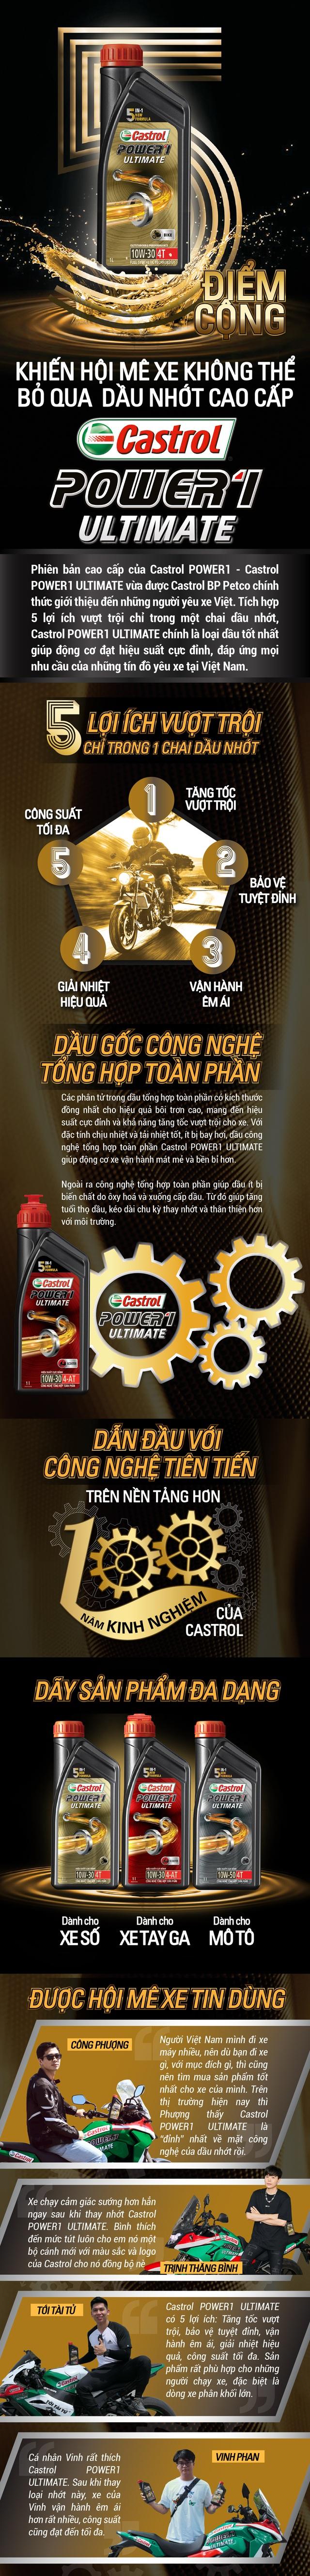 5 điểm cộng khiến hội mê xe không thể bỏ qua dầu nhớt cao cấp Castrol POWER1 ULTIMATE - Ảnh 1.